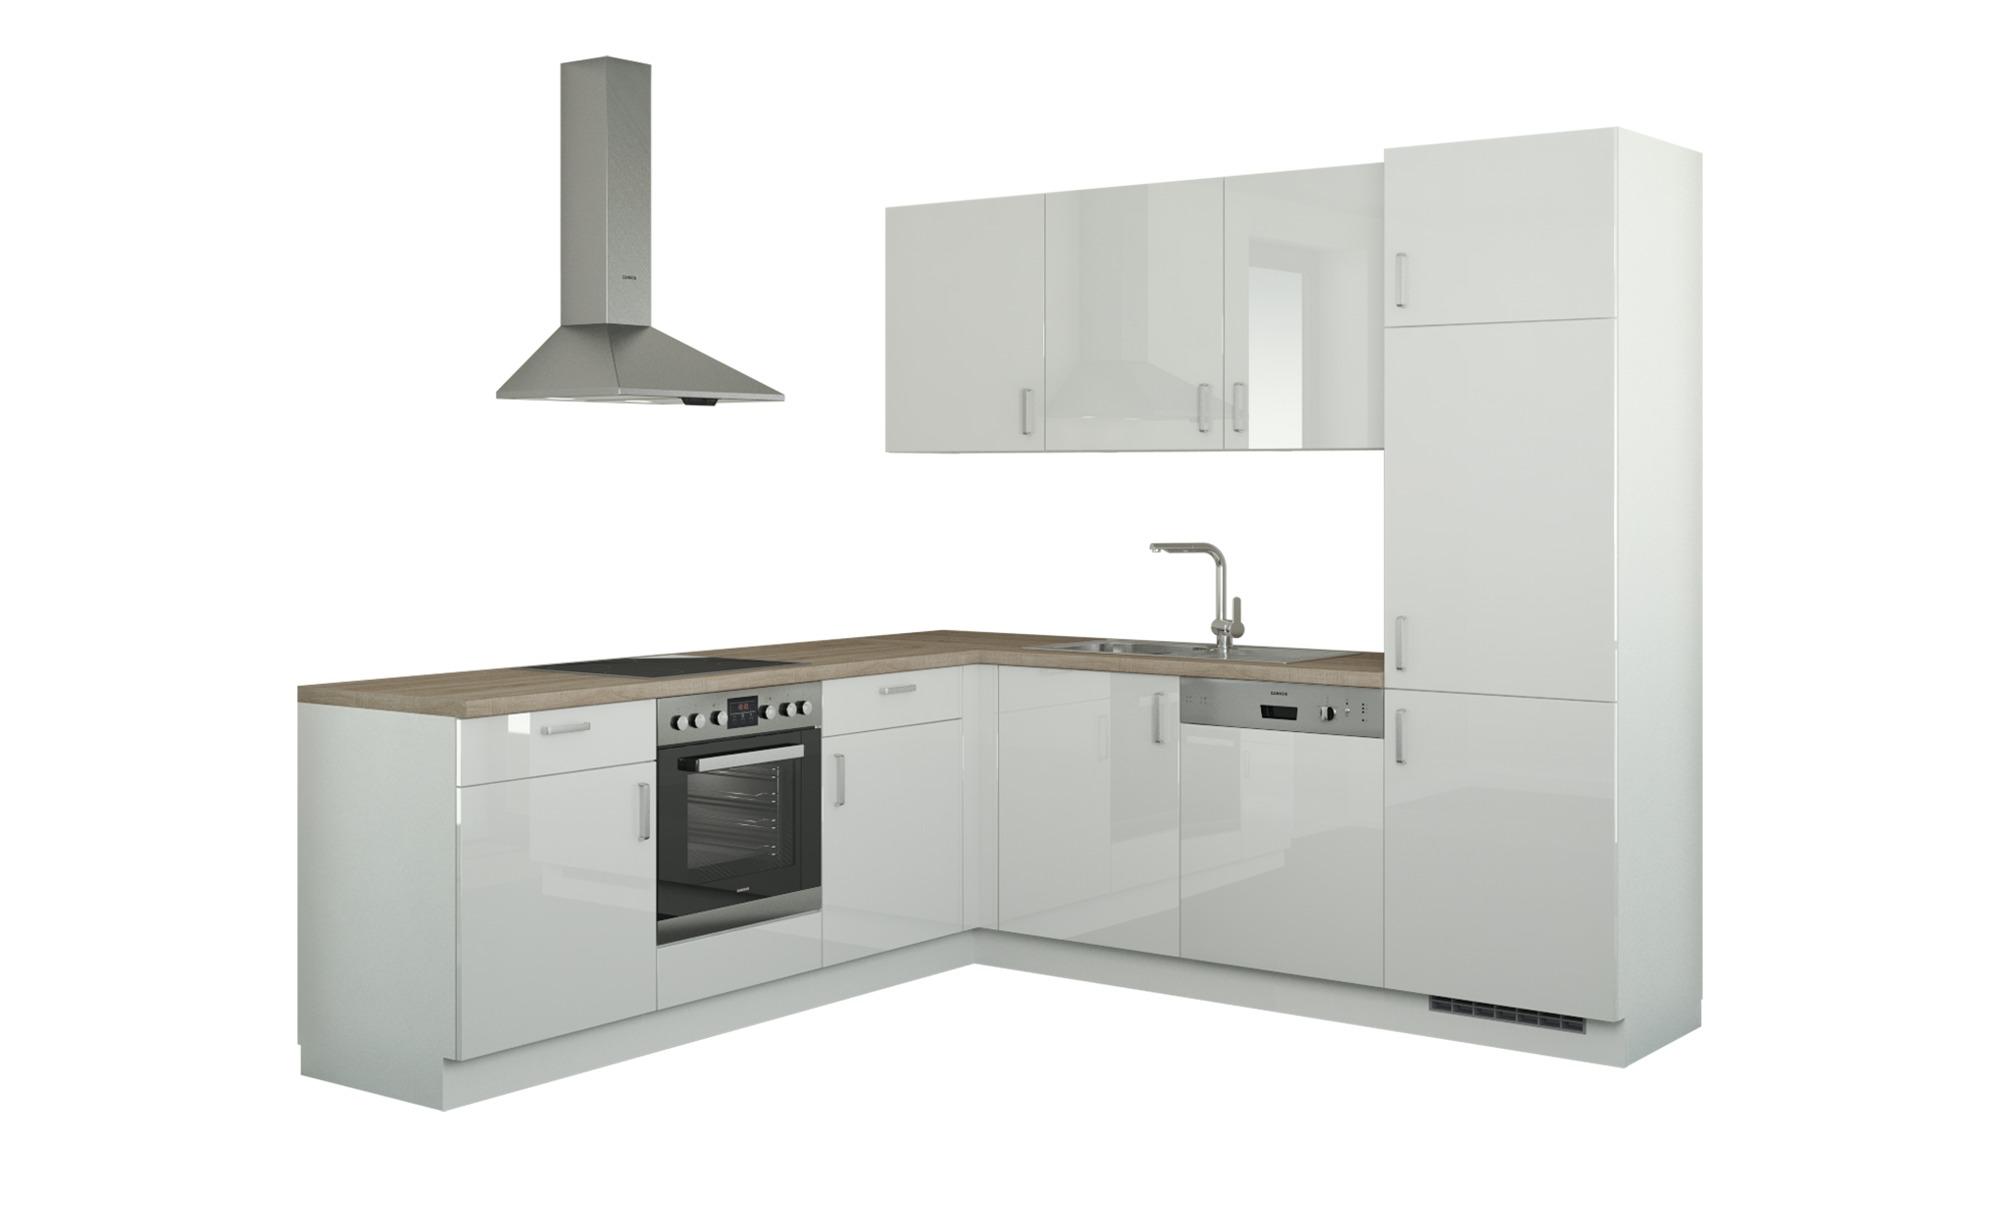 #Winkelküche ohne Elektrogeräte  Stuttgart ¦ weiß Küchen > Küchenblöcke ohne E-Geräte – Höffner#